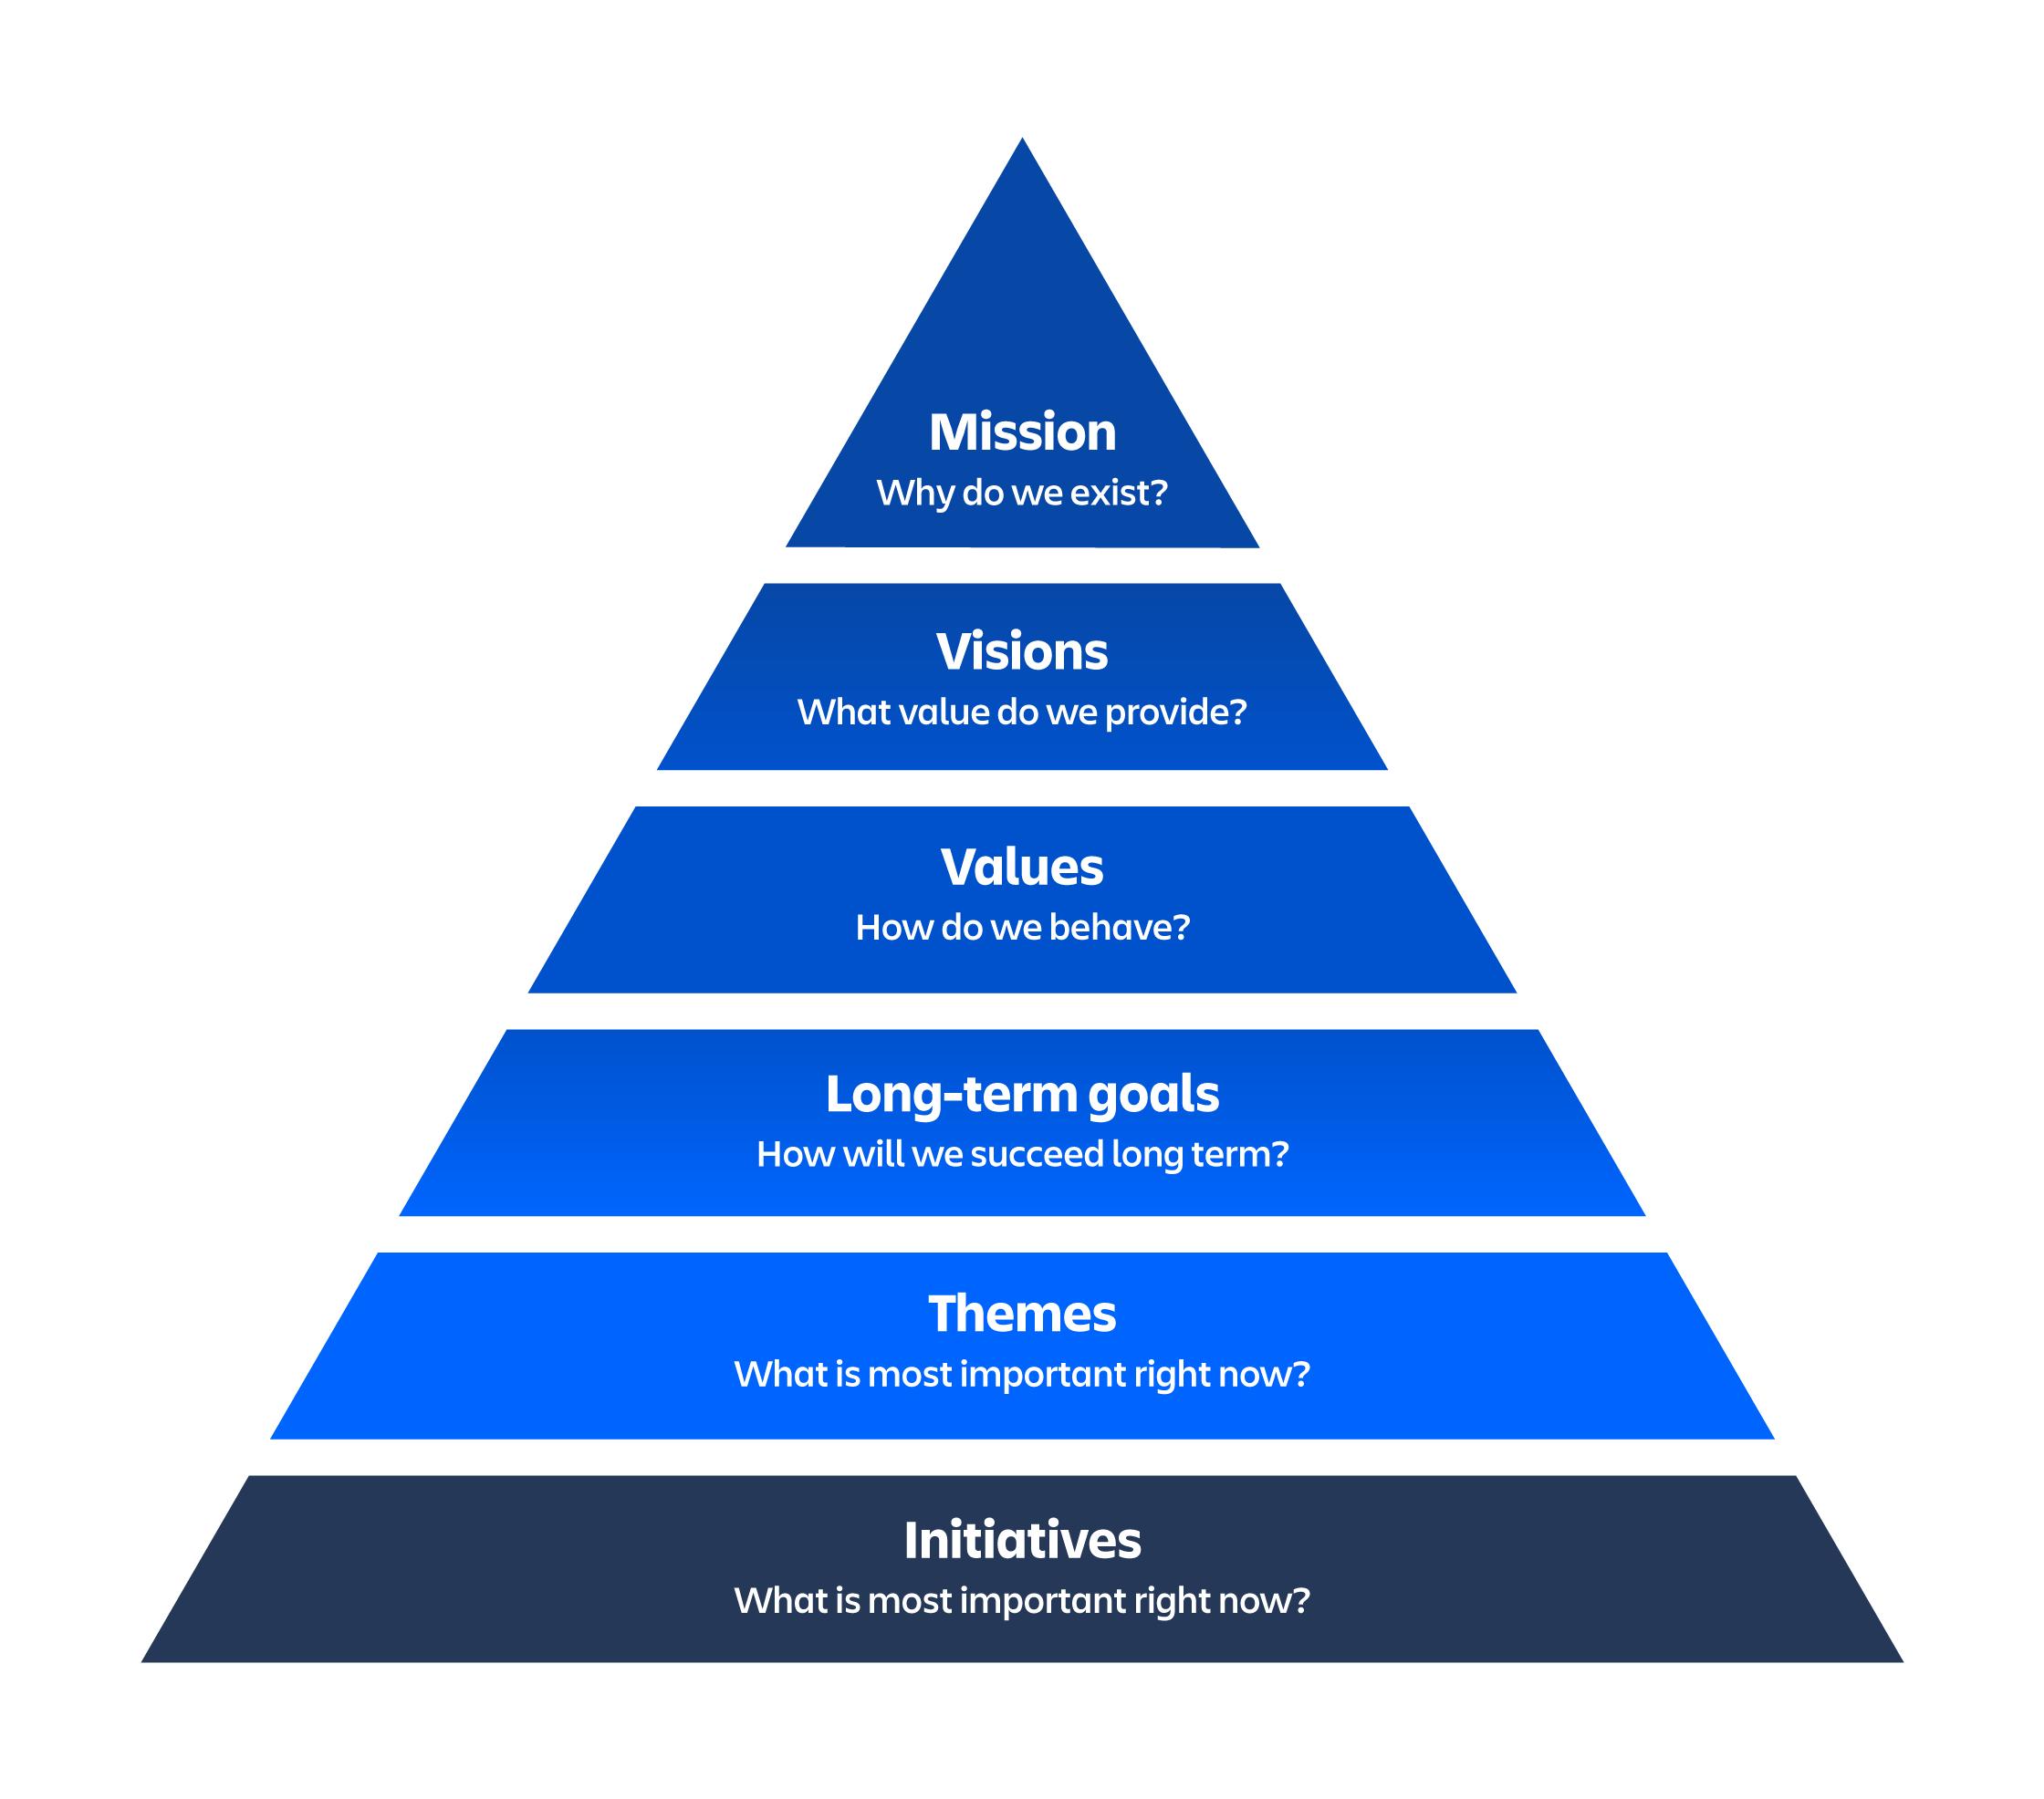 最上位がミッション、最下部がイニシアチブとなるリーンポートフォリオ管理のピラミッド